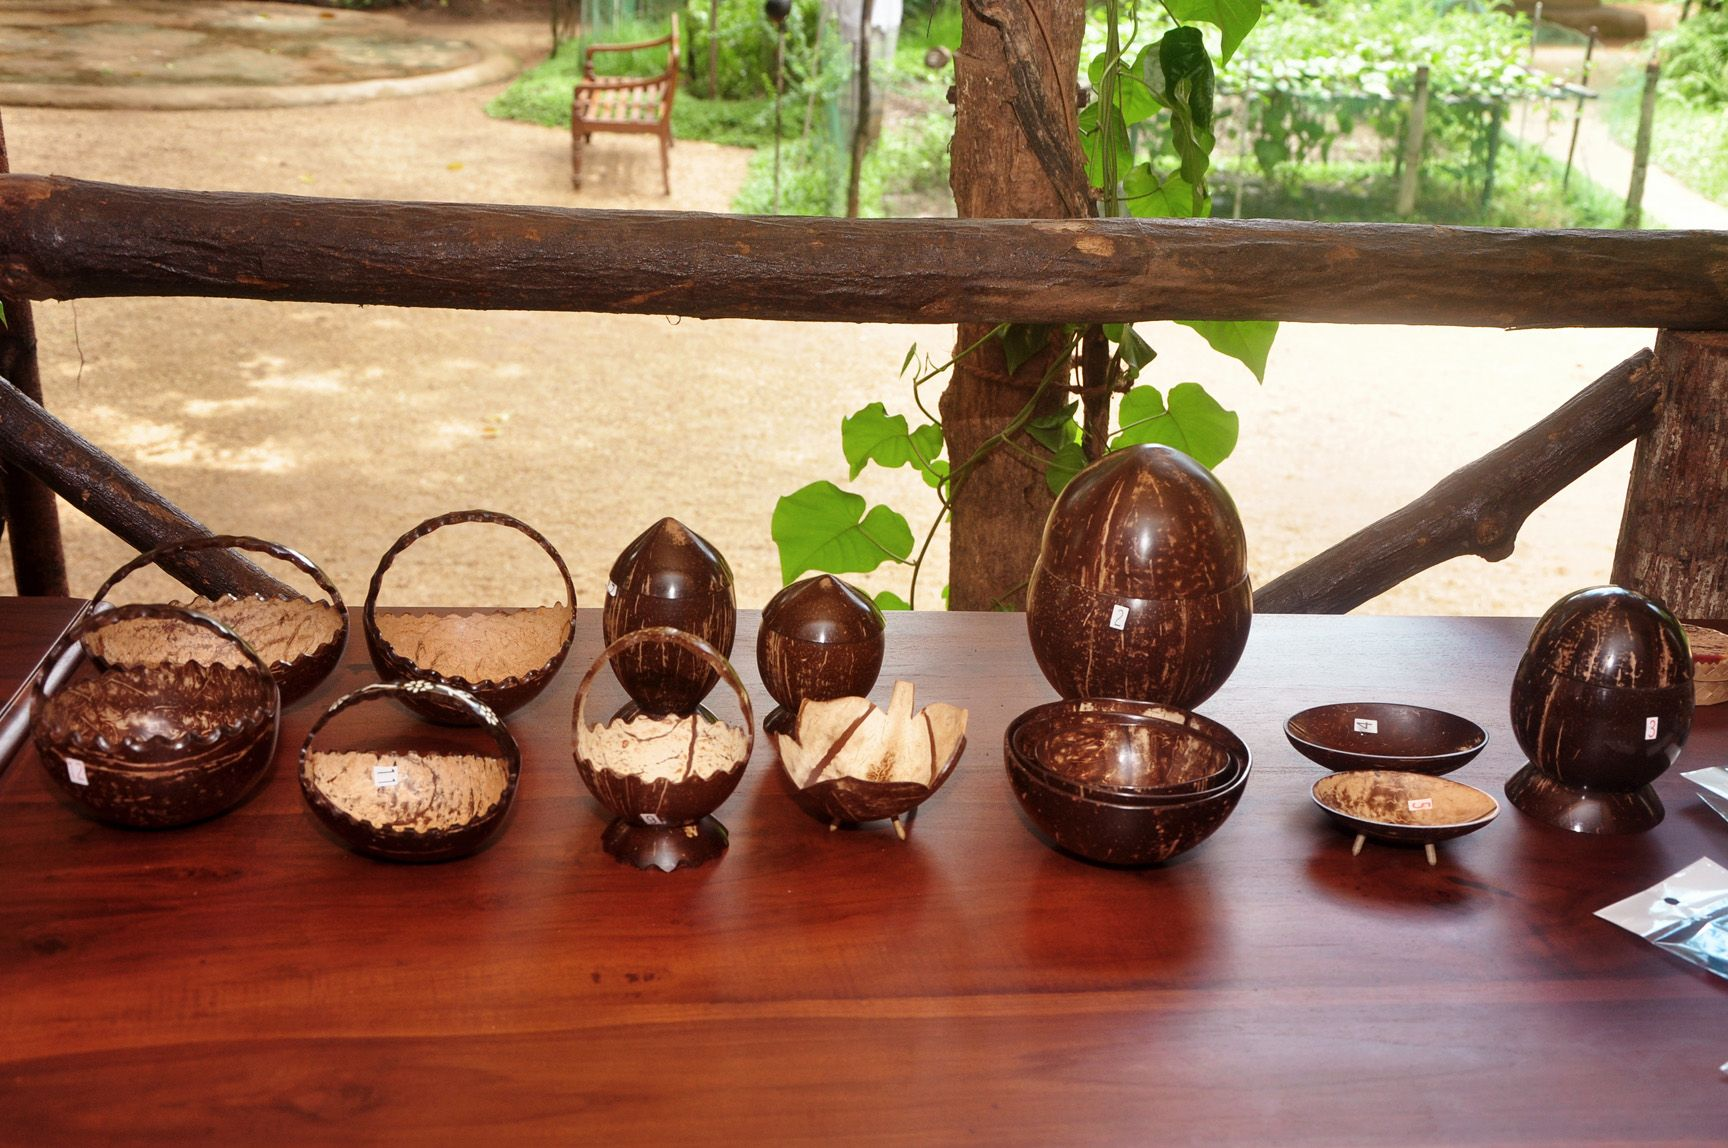 Coconut shell products by G H  Methsiri Piyananda  Sri